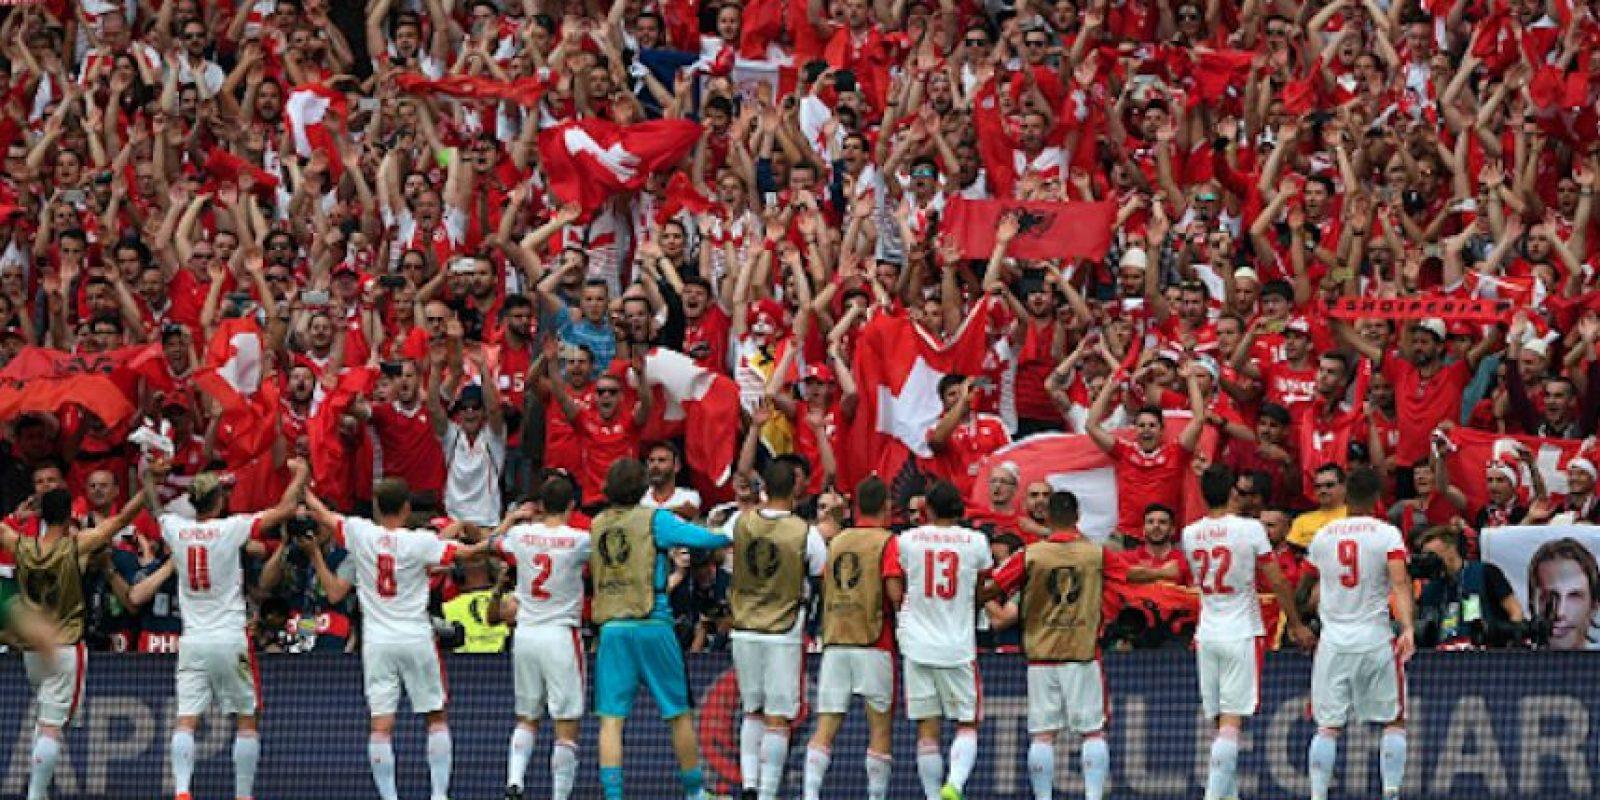 Con un solitario gol de Schar, los suizos sumaron su primera victoria del certamen. Foto:Getty Images